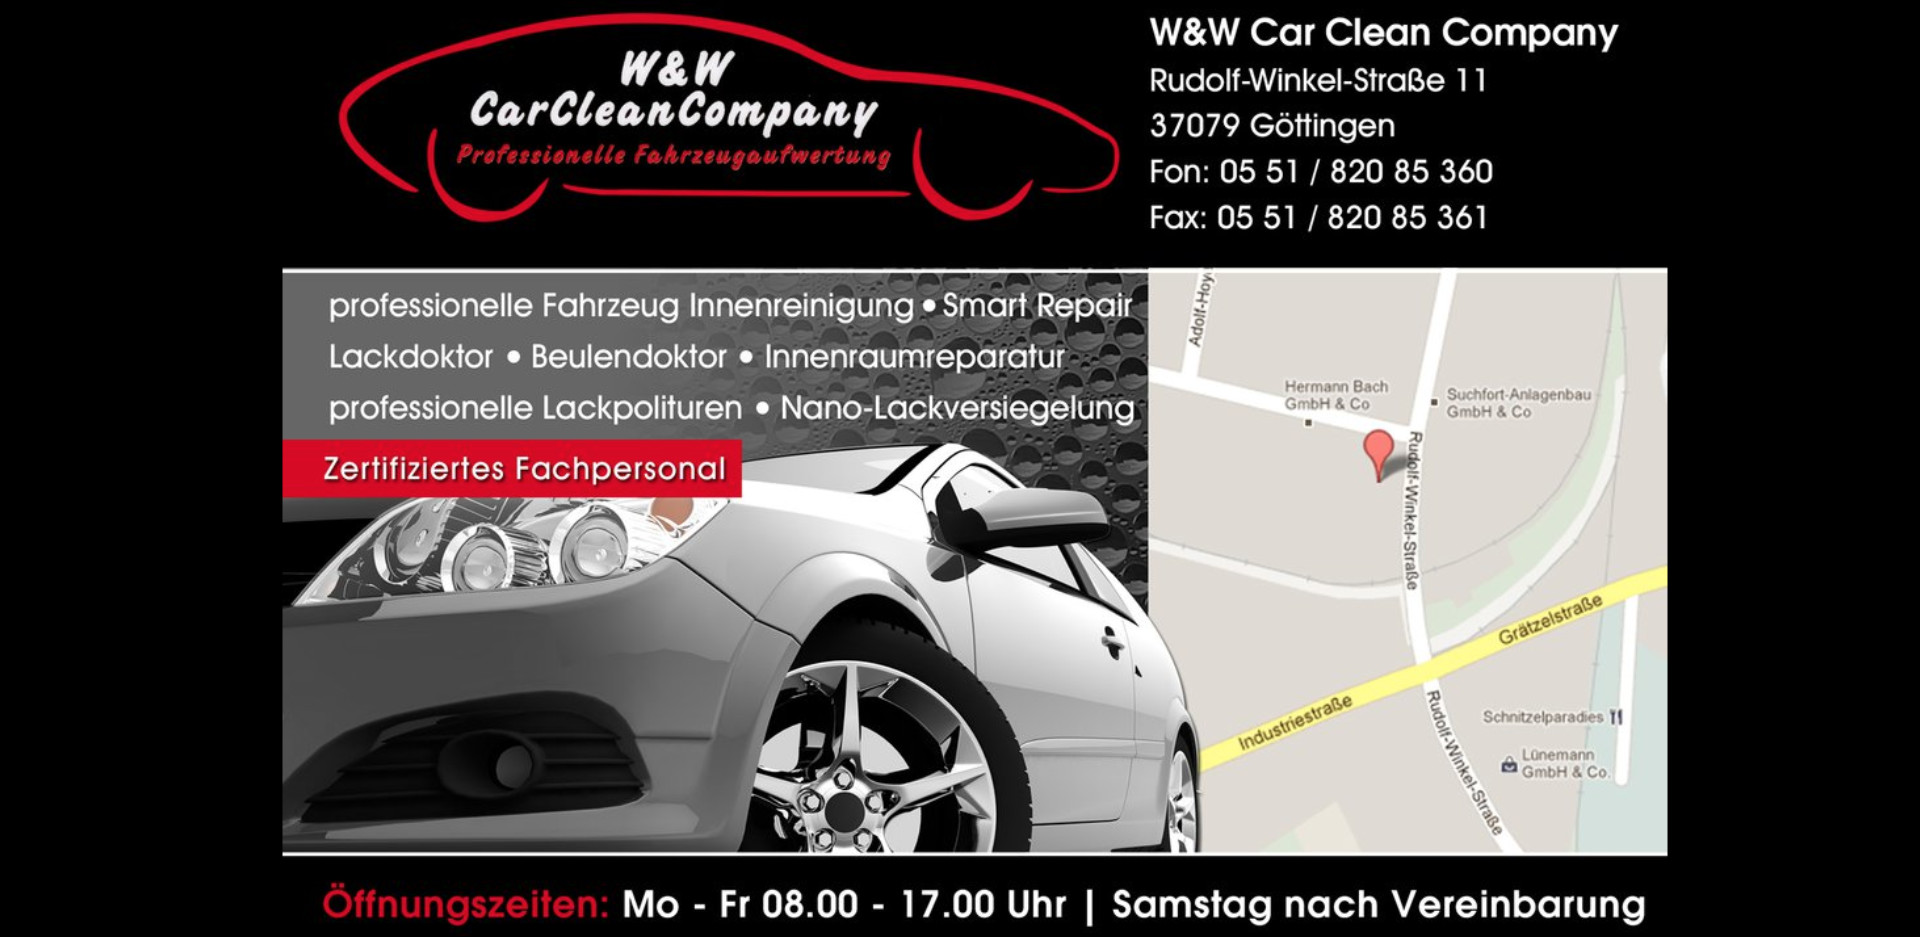 Willkommen W W Car Clean Company